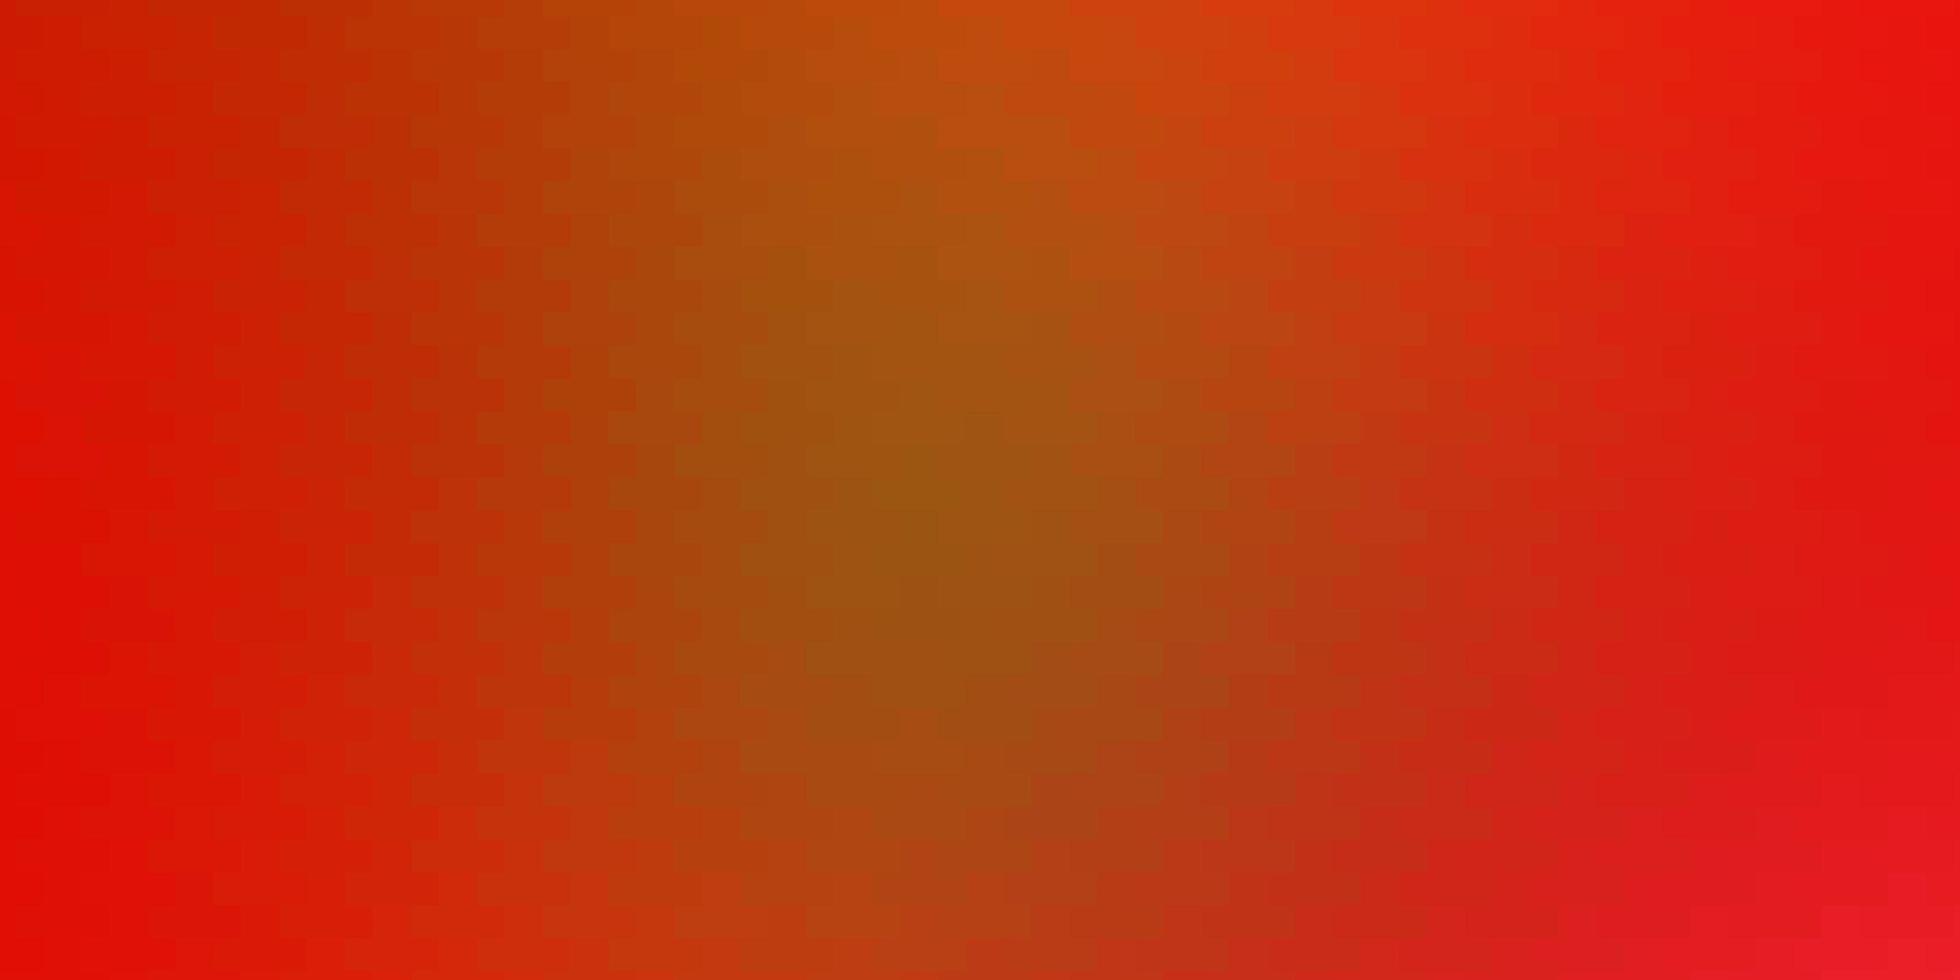 textura vector vermelho, amarelo claro em estilo retangular.